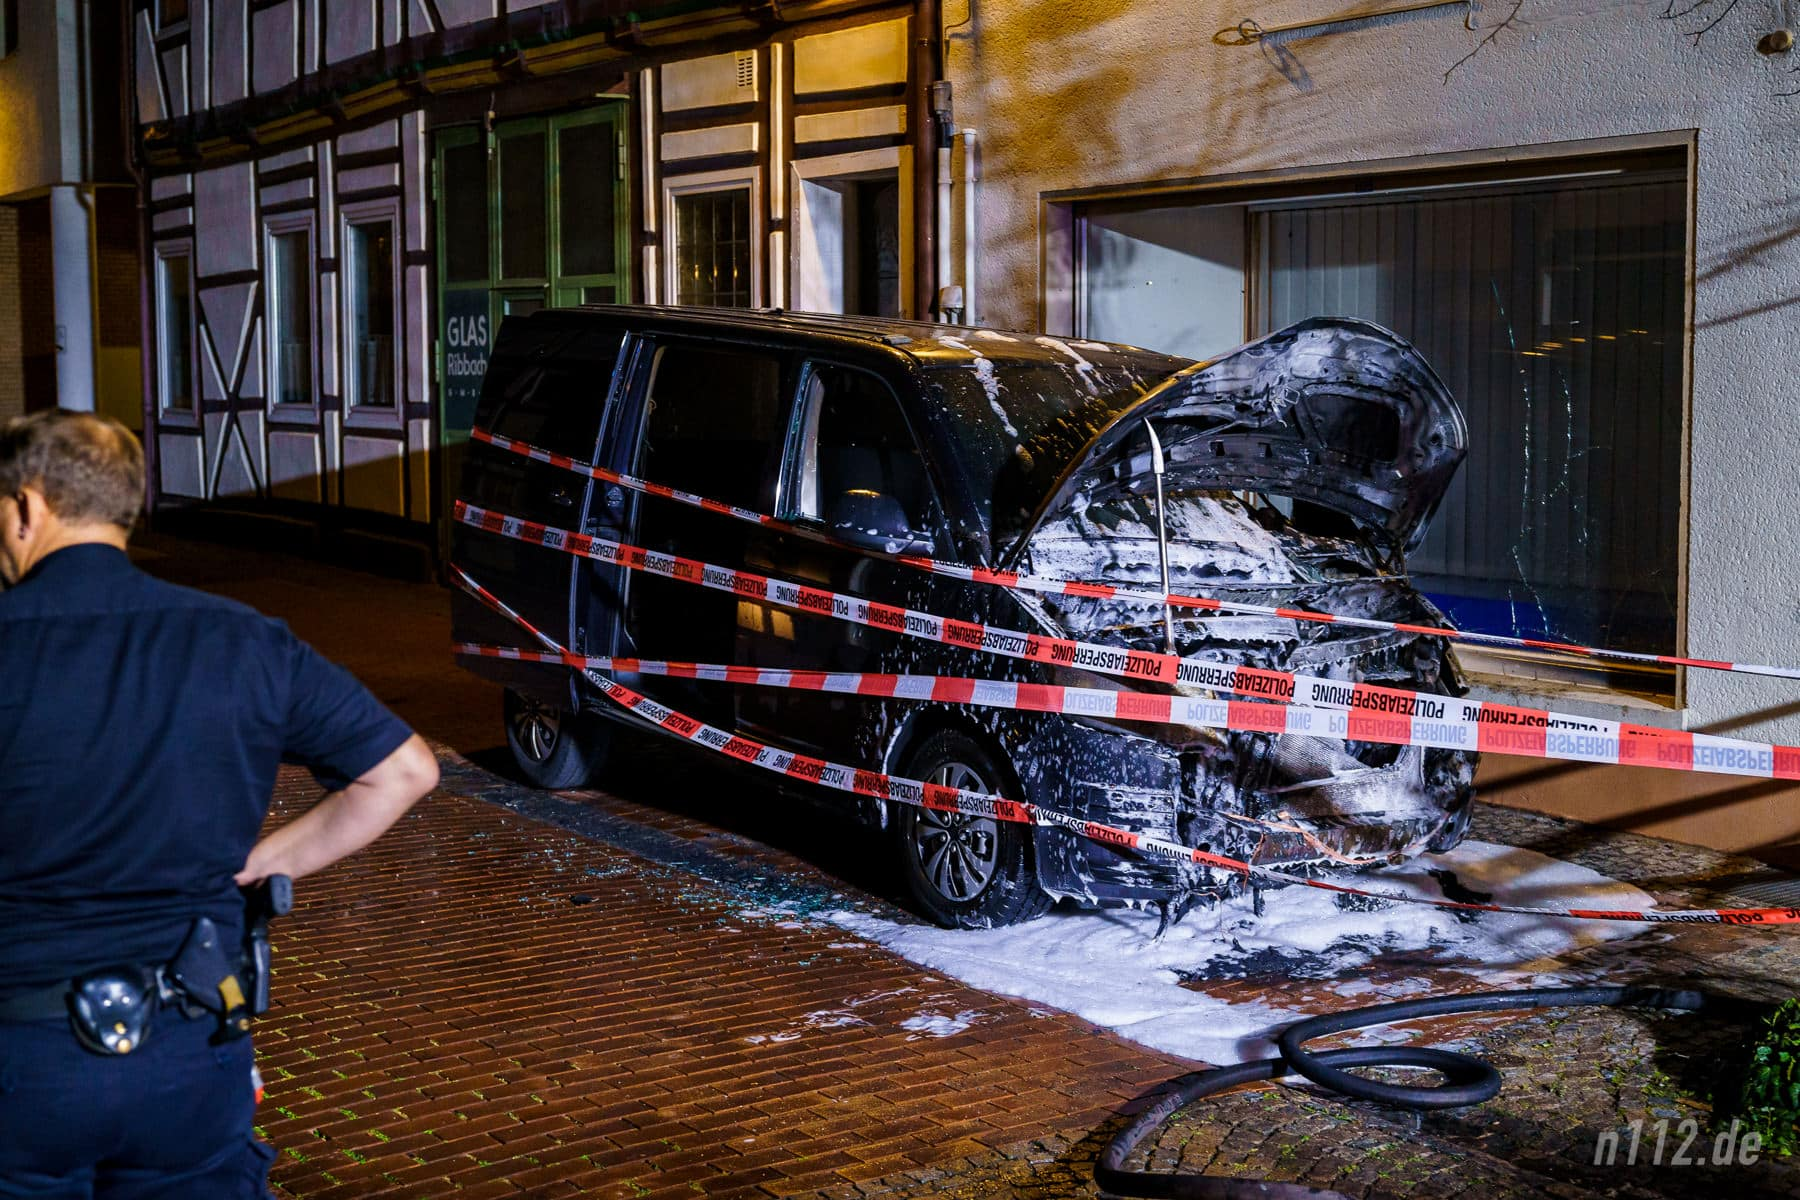 Ausgebrannt und sichergestellt: Der VW-Bus in der Petersilienstraße (Foto: n112.de/Stefan Simonsen)